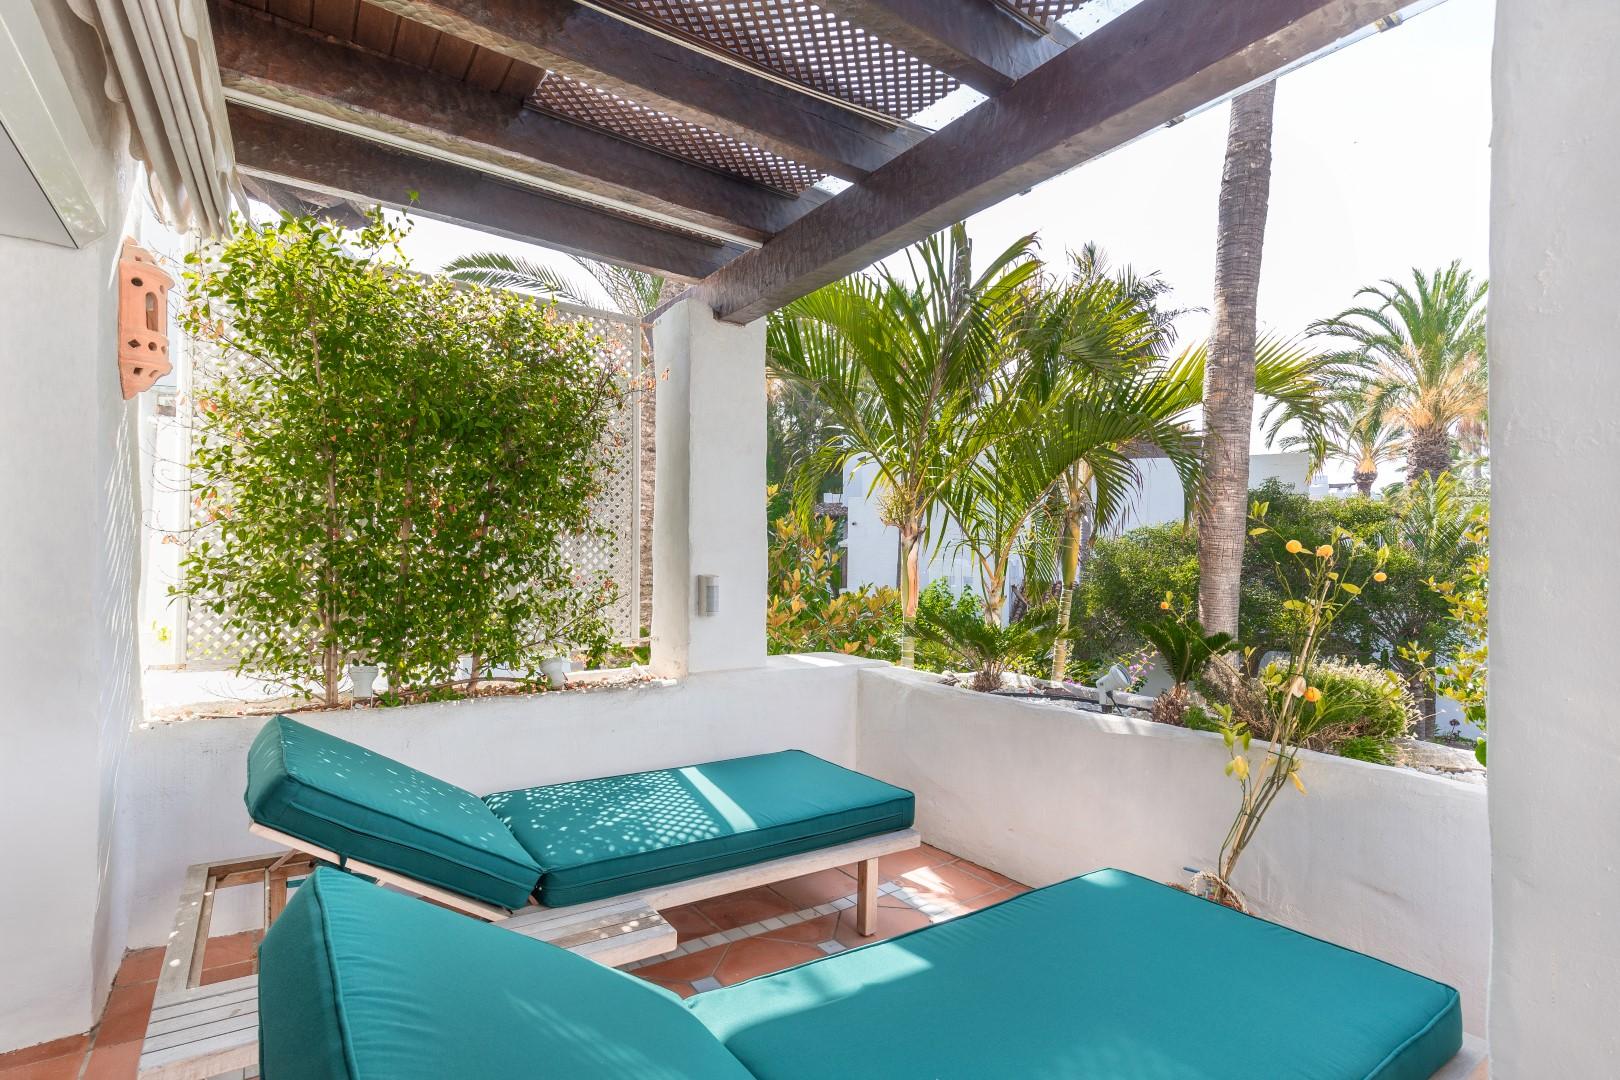 4 Bedroom in Puerto Banus